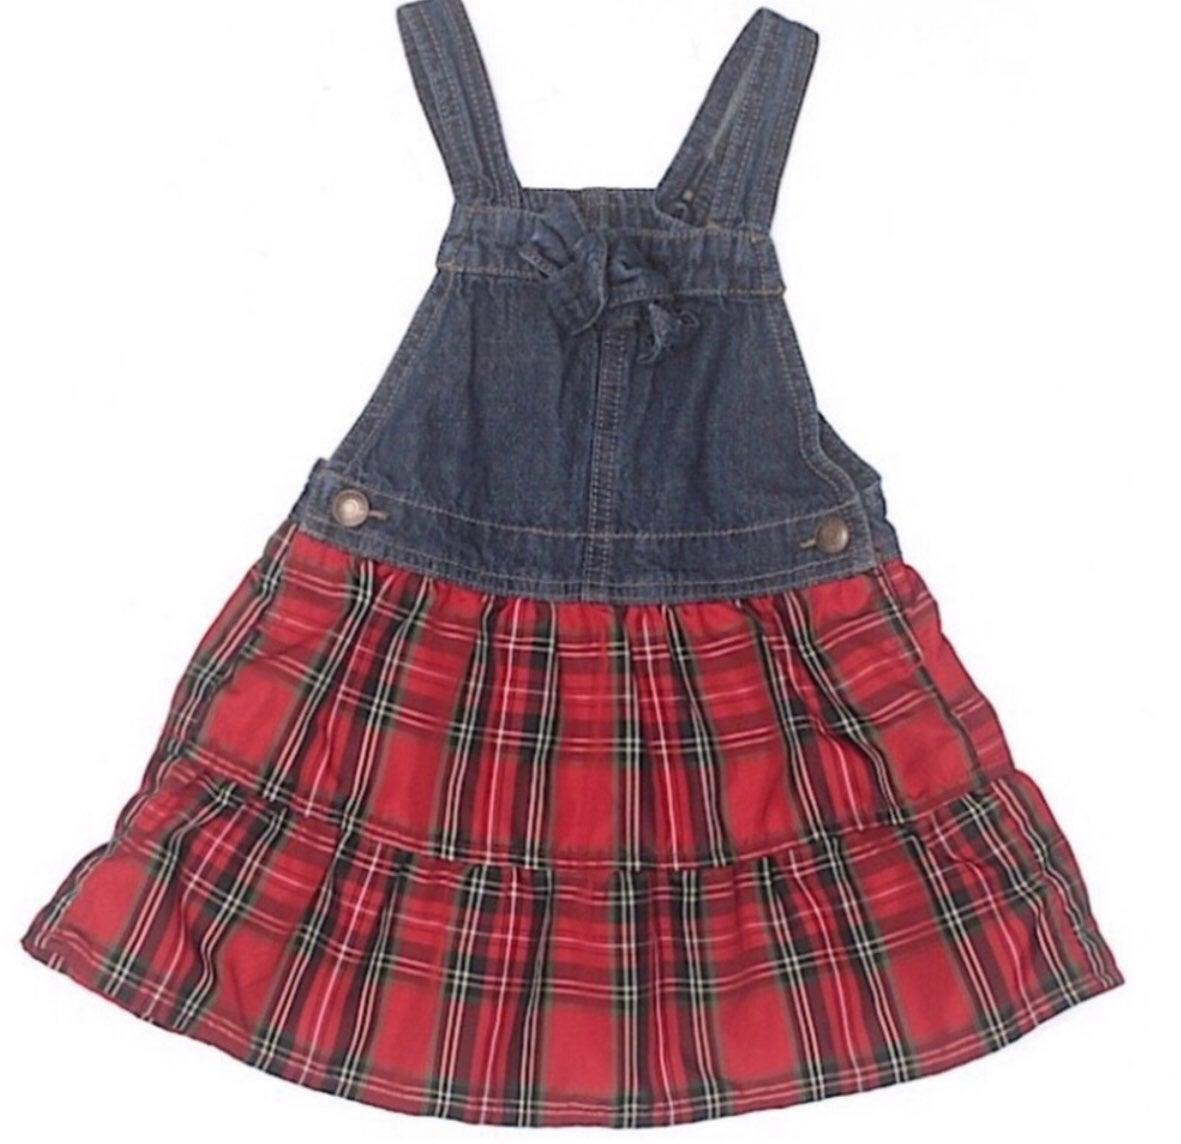 Oshkosh B'Gosh Overall Denim Plaid Dress